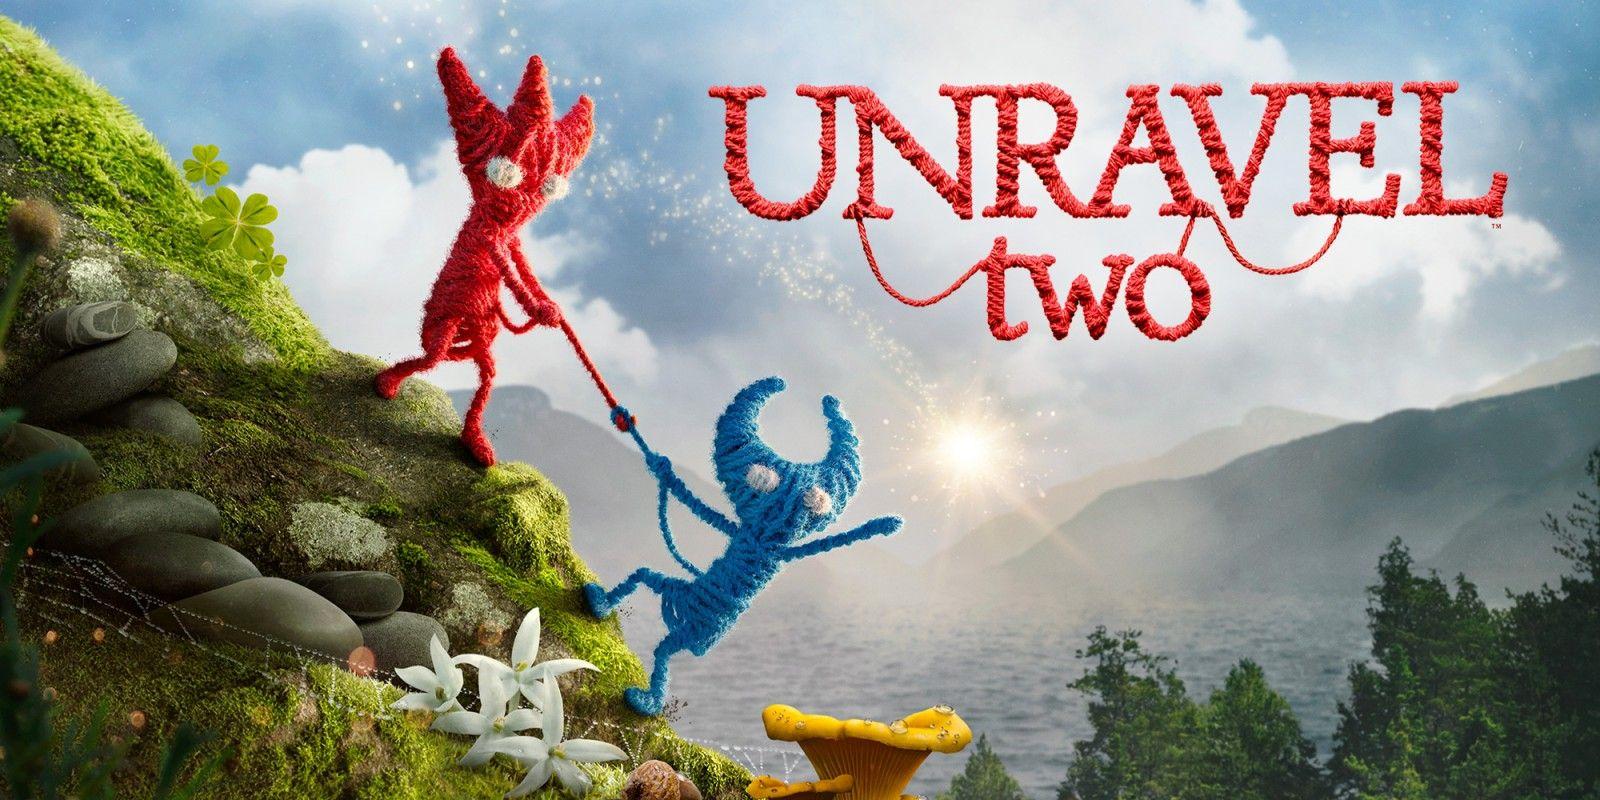 Digitale versie Unravel Two voor Nintendo Switch